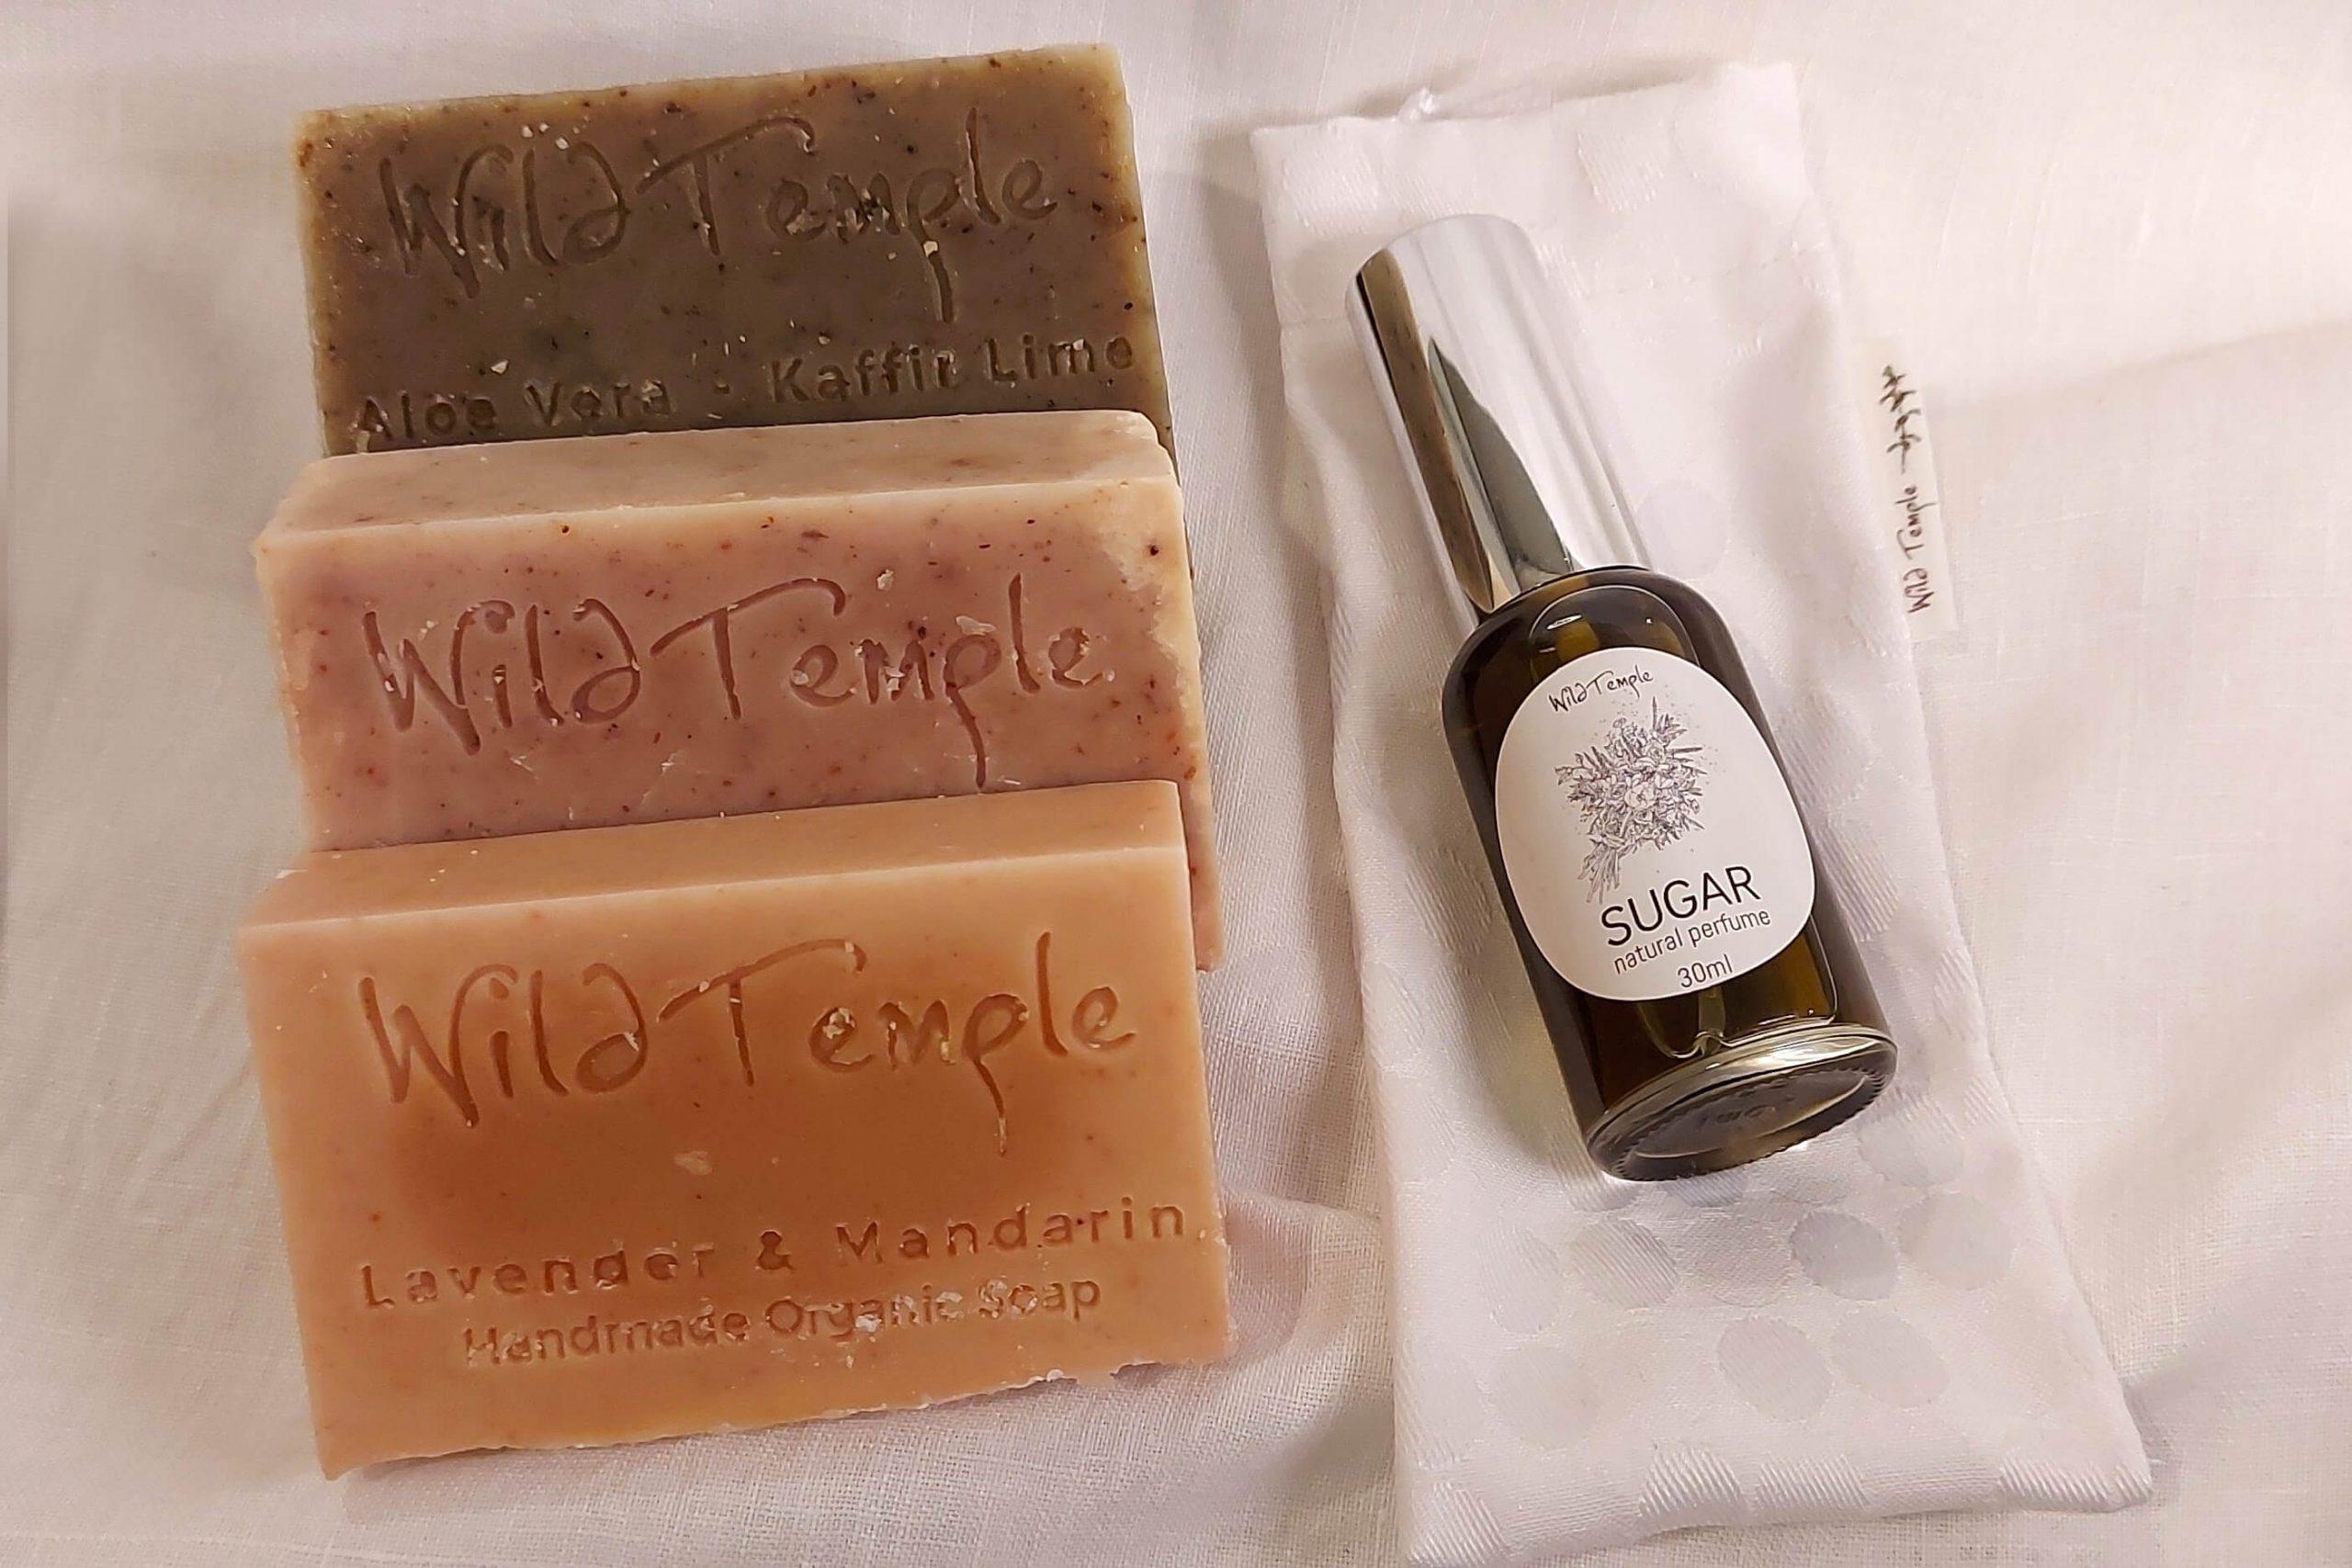 Wild Temple Naturals Trio of Soap and Sugar Perfume